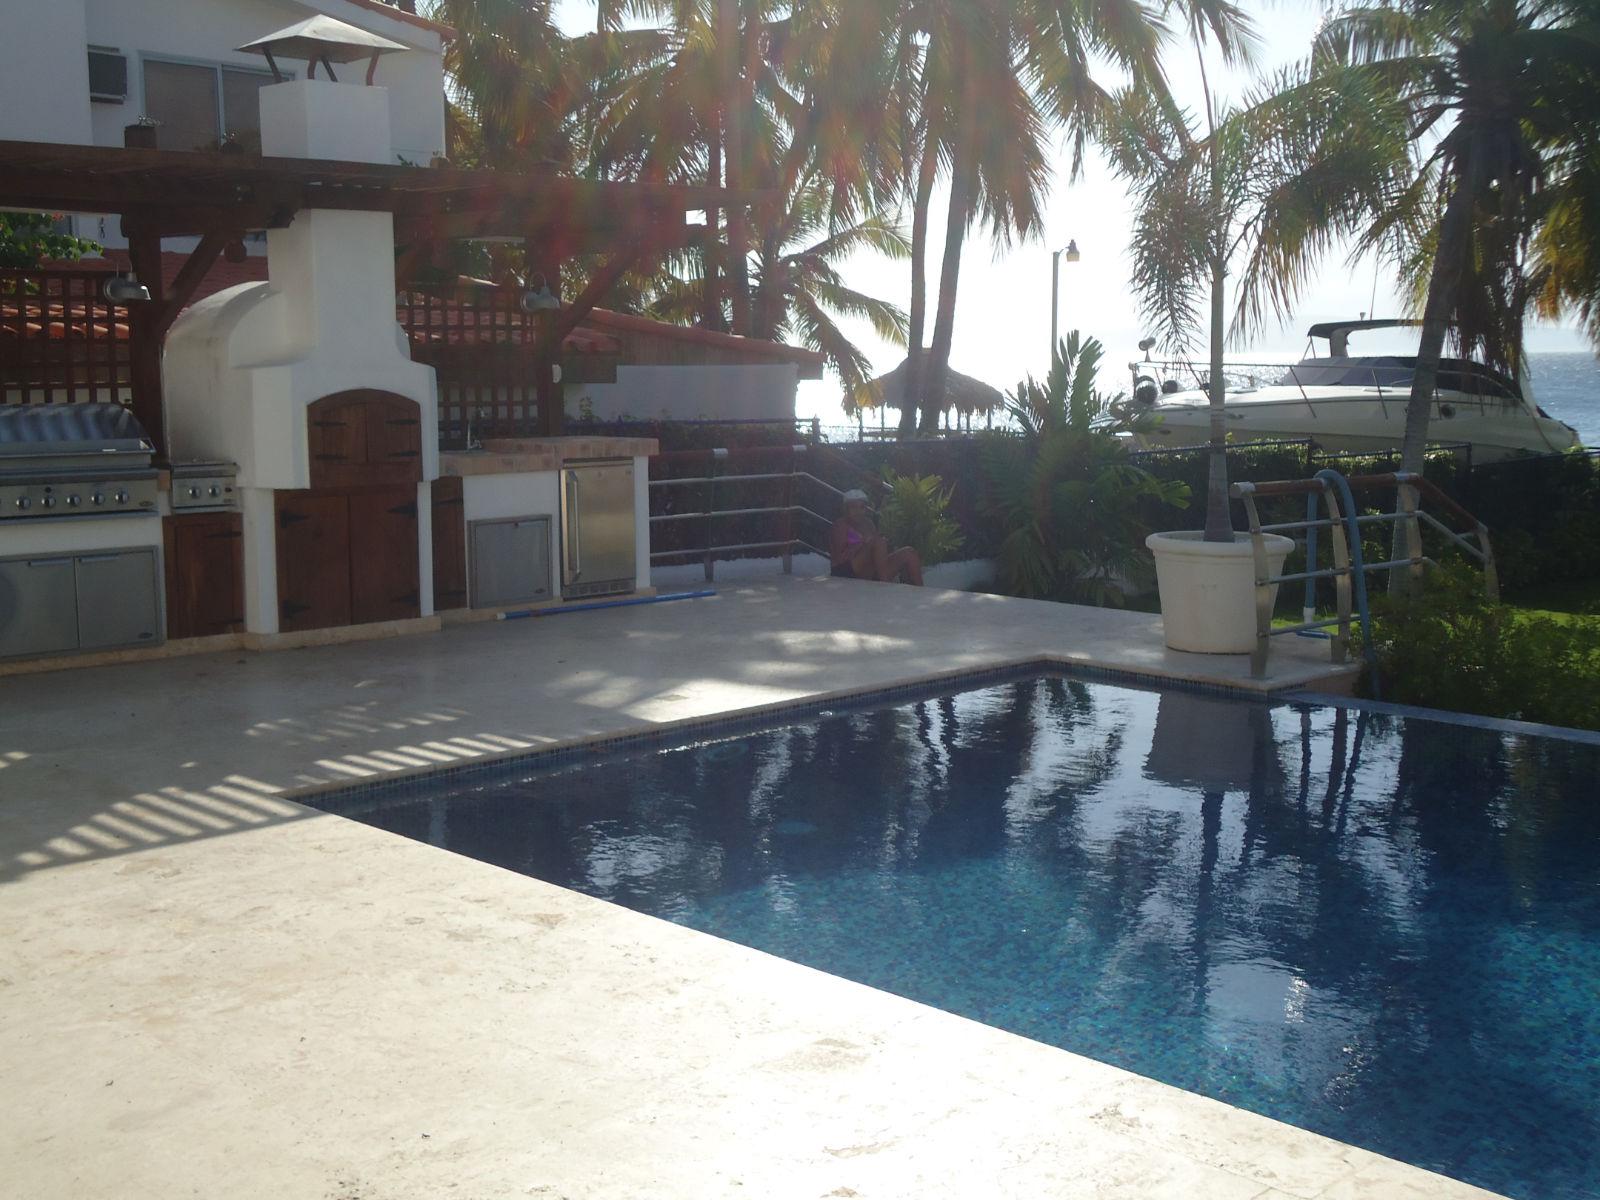 Pool at Palmar de Ocoa